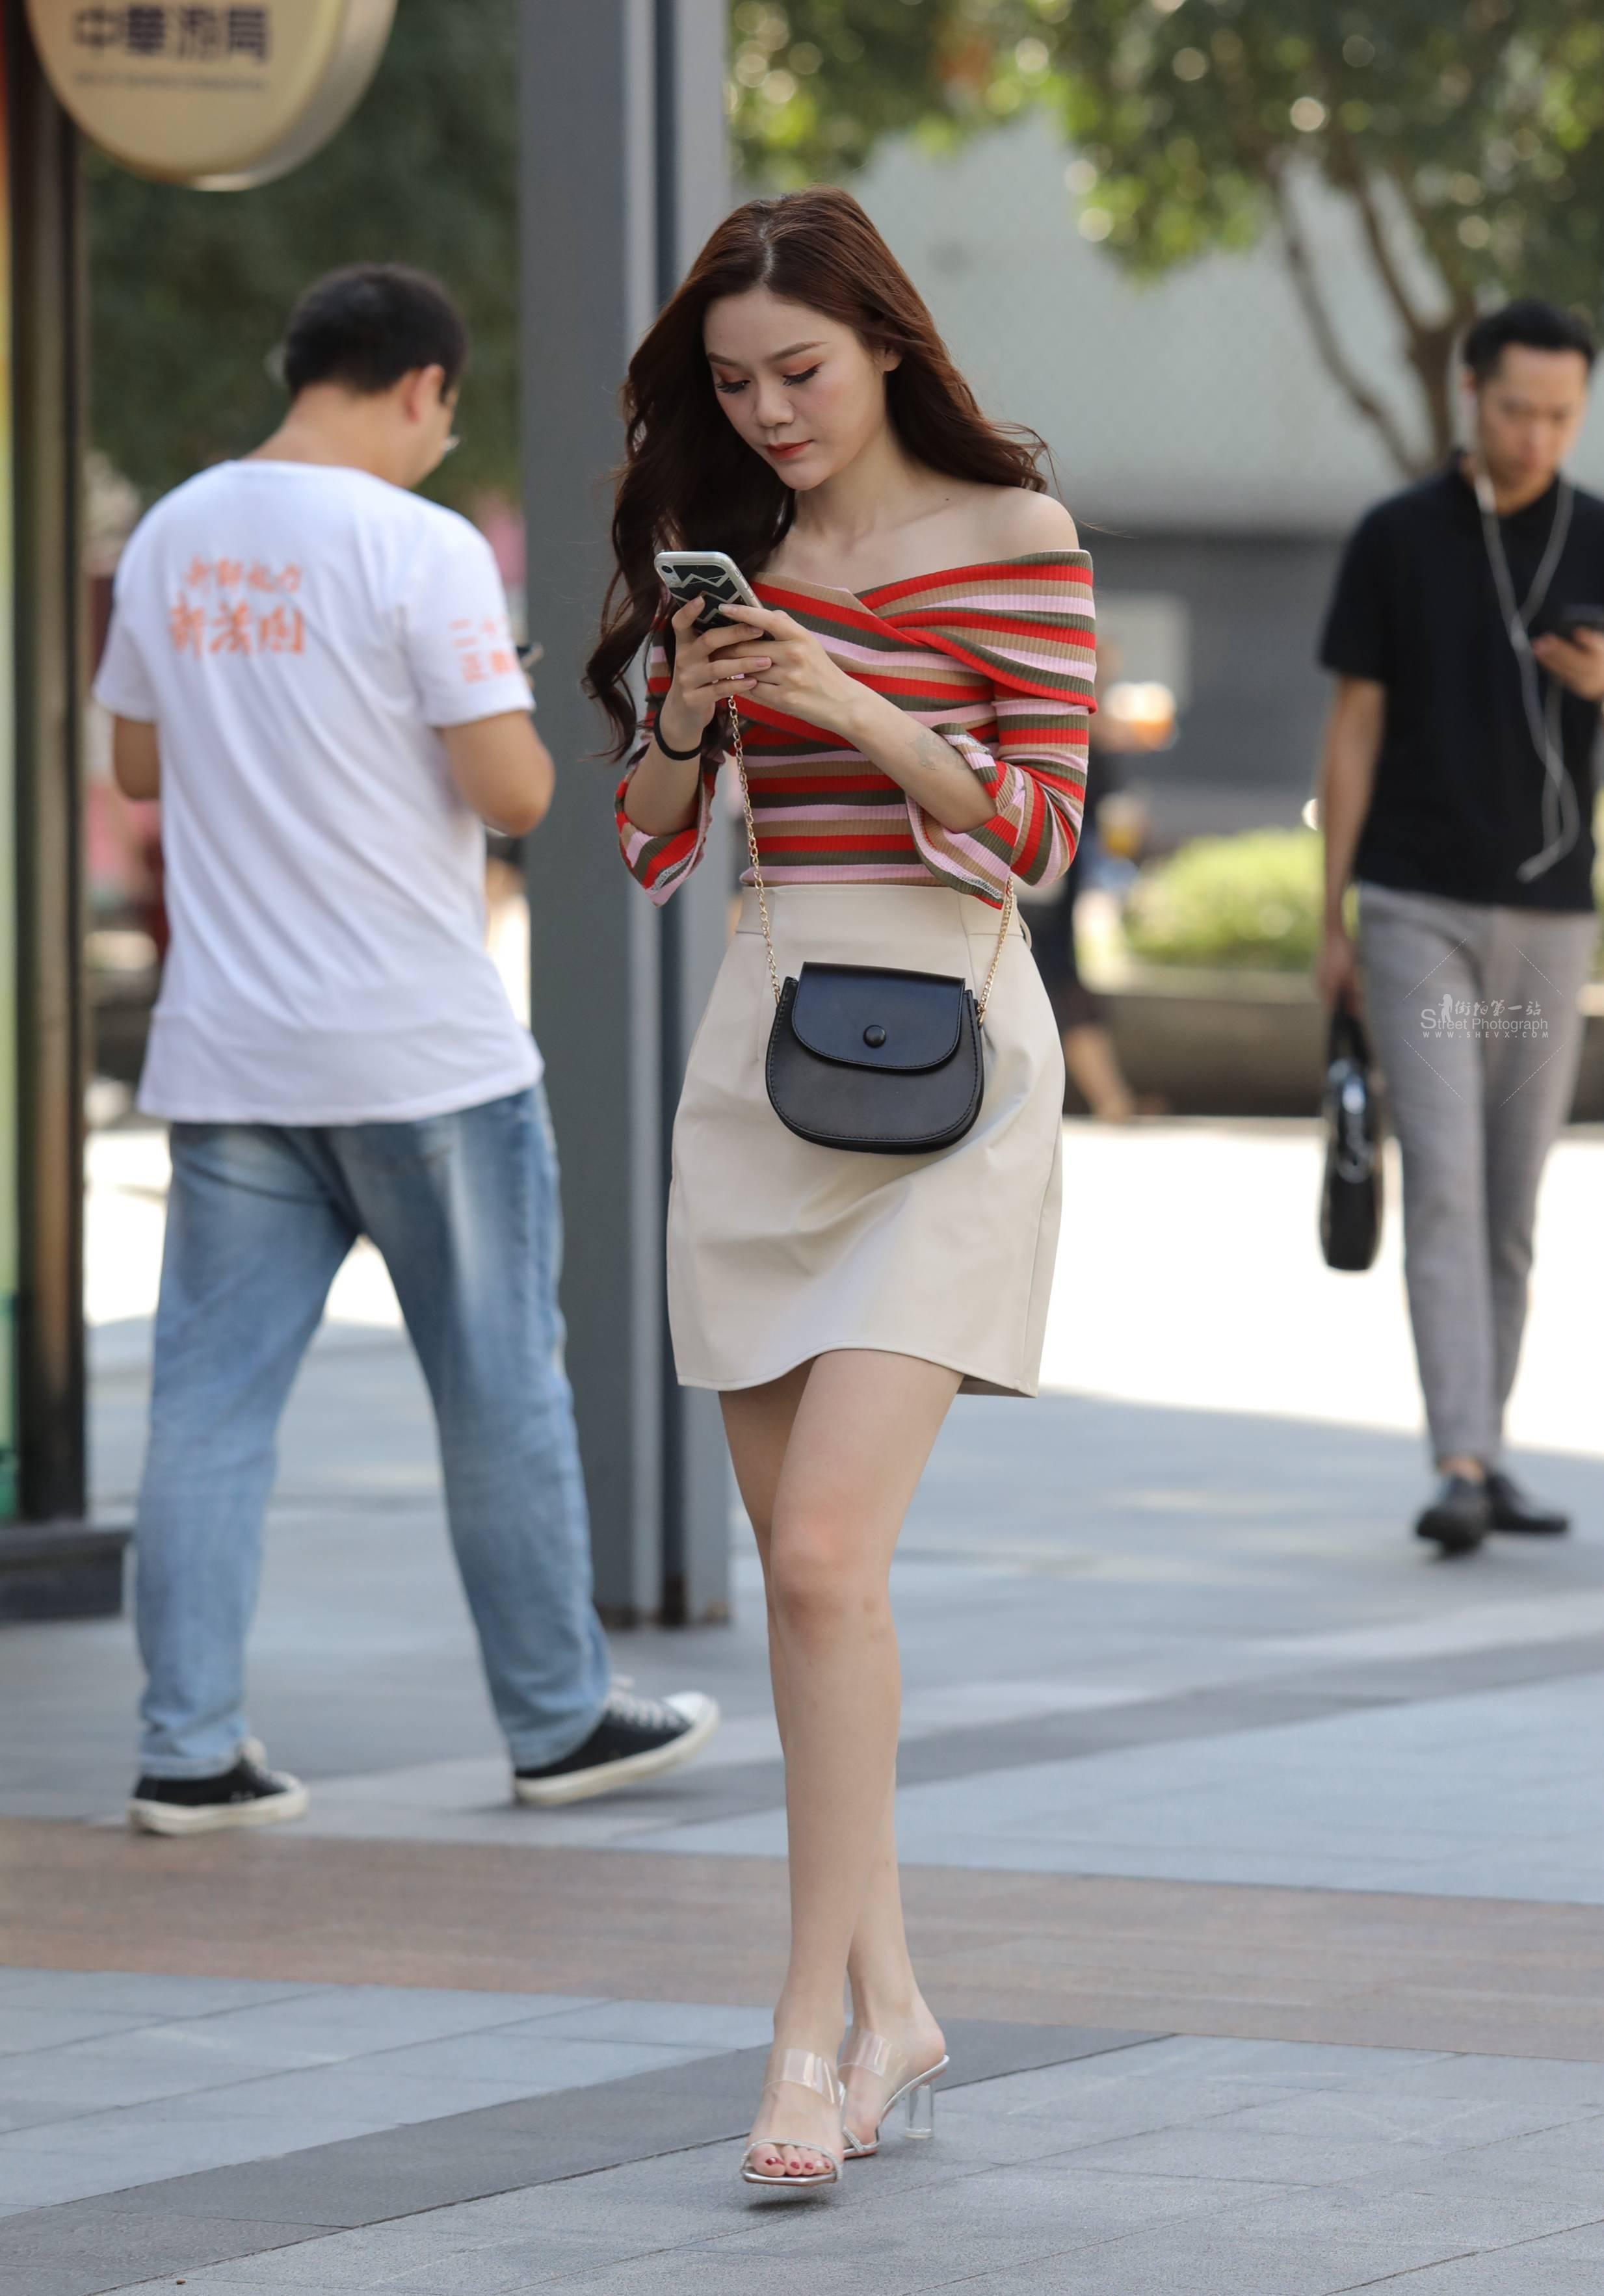 街拍高跟,街拍长腿 【珏一笑而过】长腿 高跟Shao Fu 最新街拍丝袜图片 街拍丝袜第一站